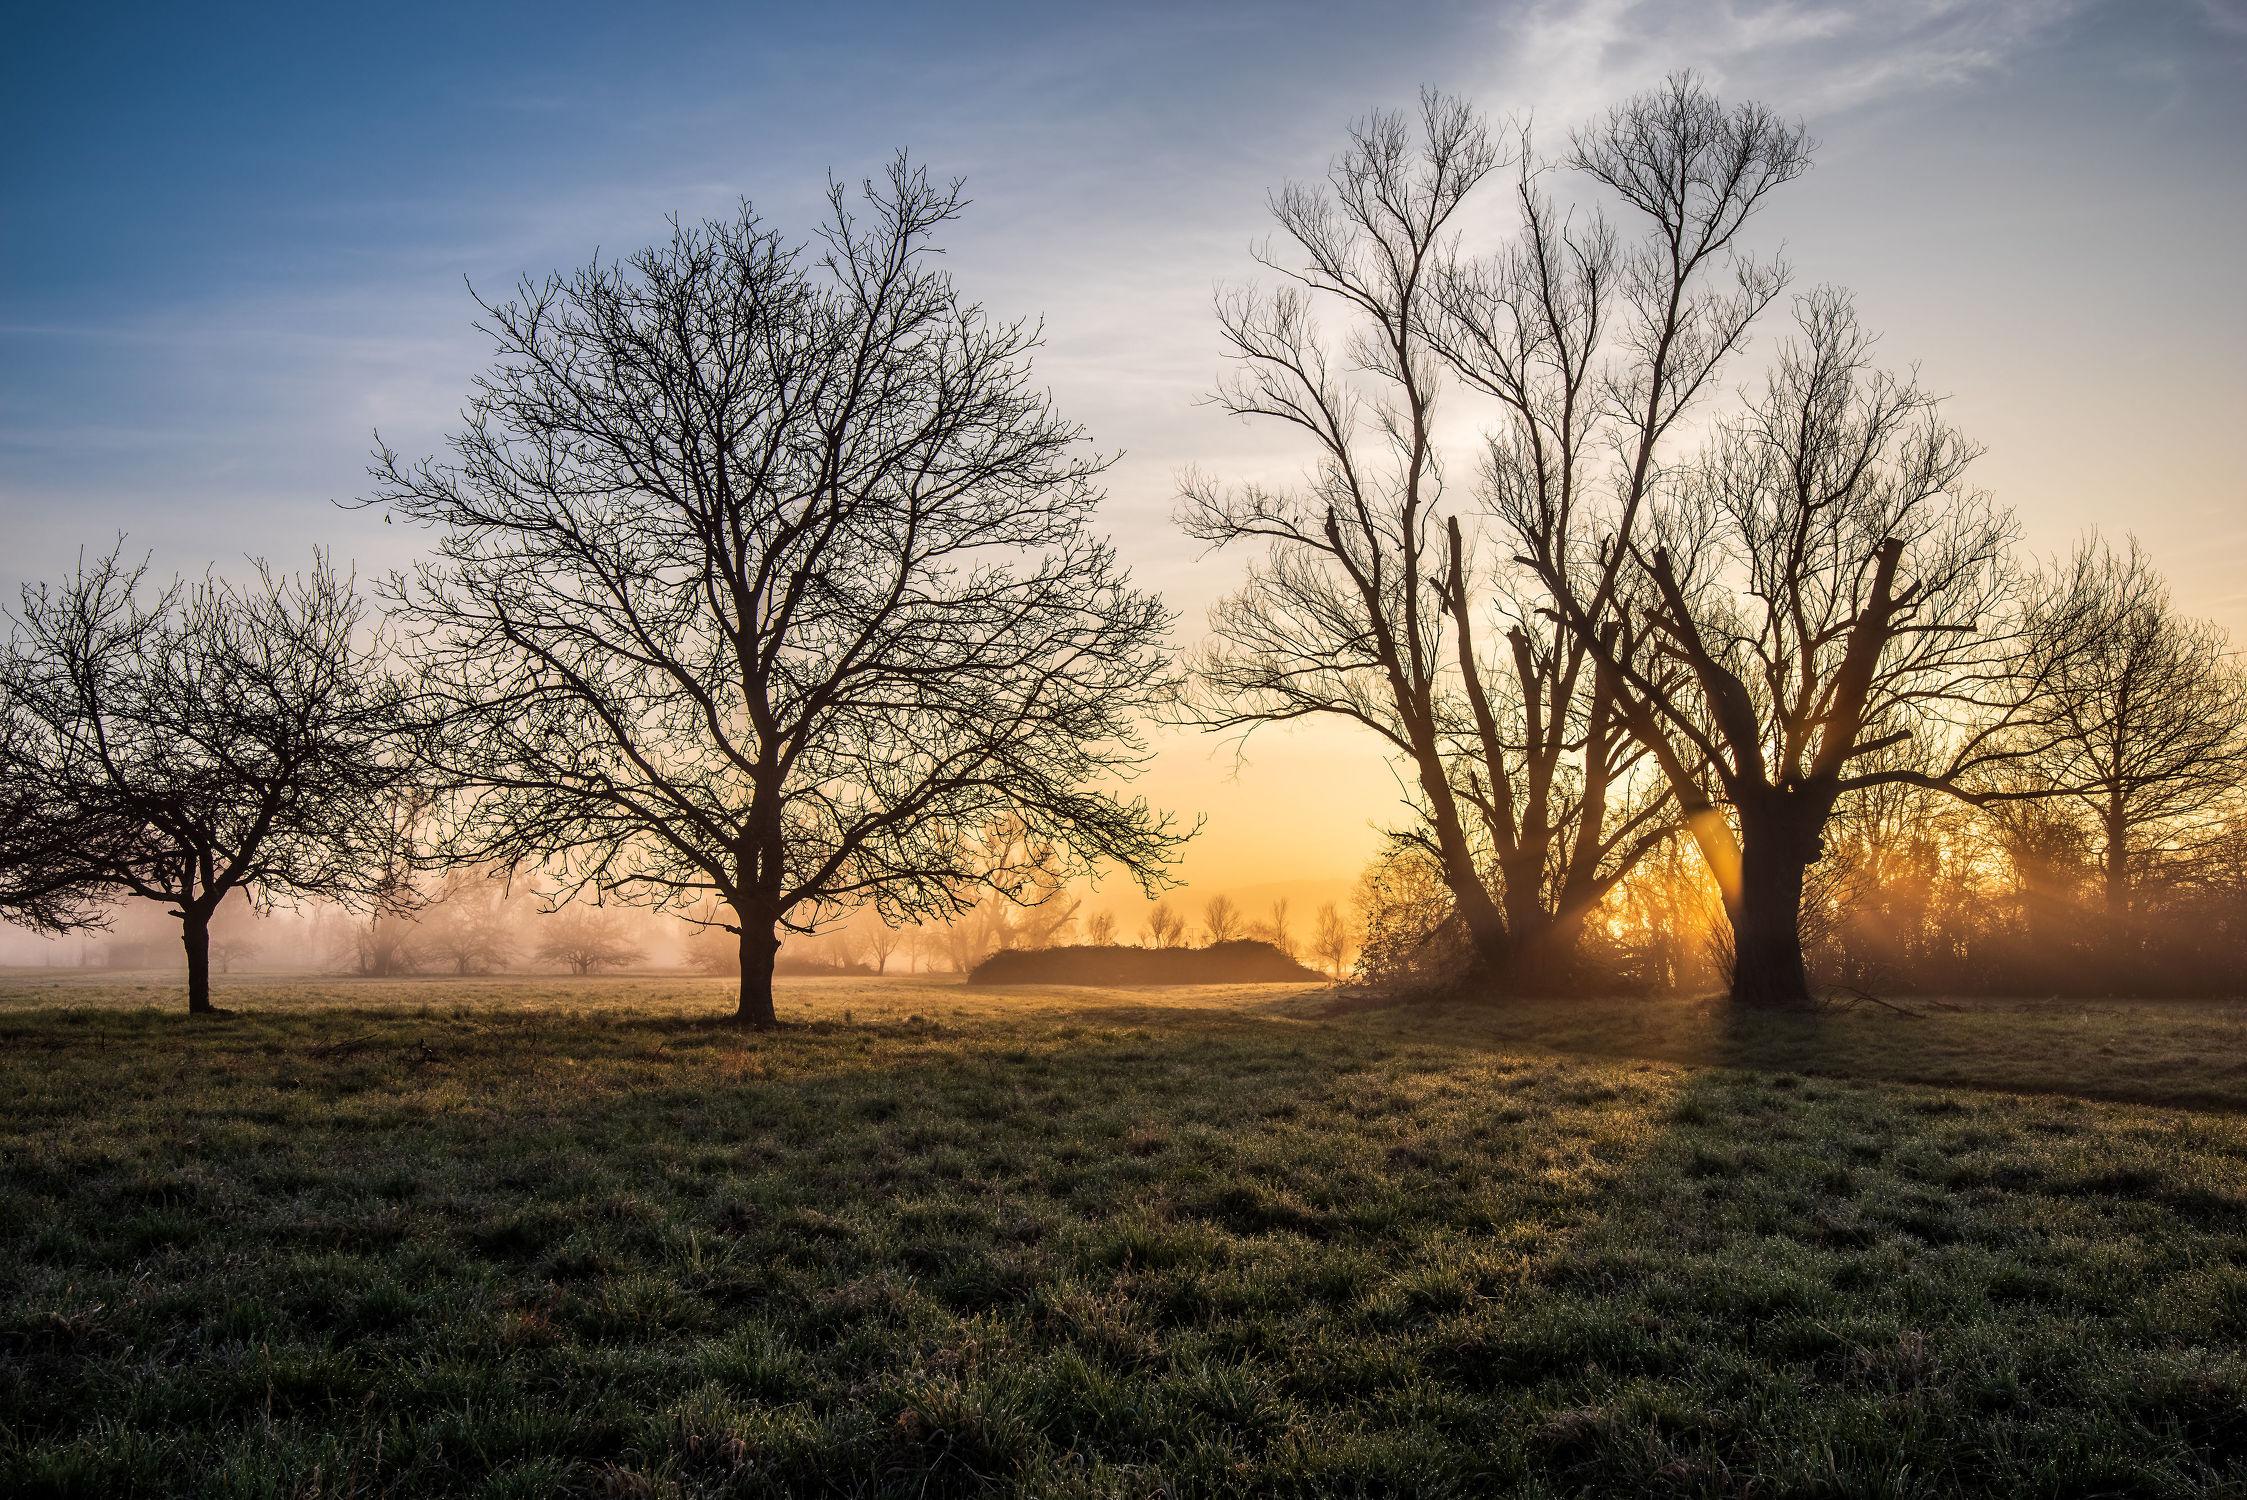 Bild mit Natur, Landschaften, Jahreszeiten, Sommer, Sonnenaufgang, Wiese, Wiesengras, Sonnenstrahlen, Nebelauflösung, Dunst, Frühmorgens